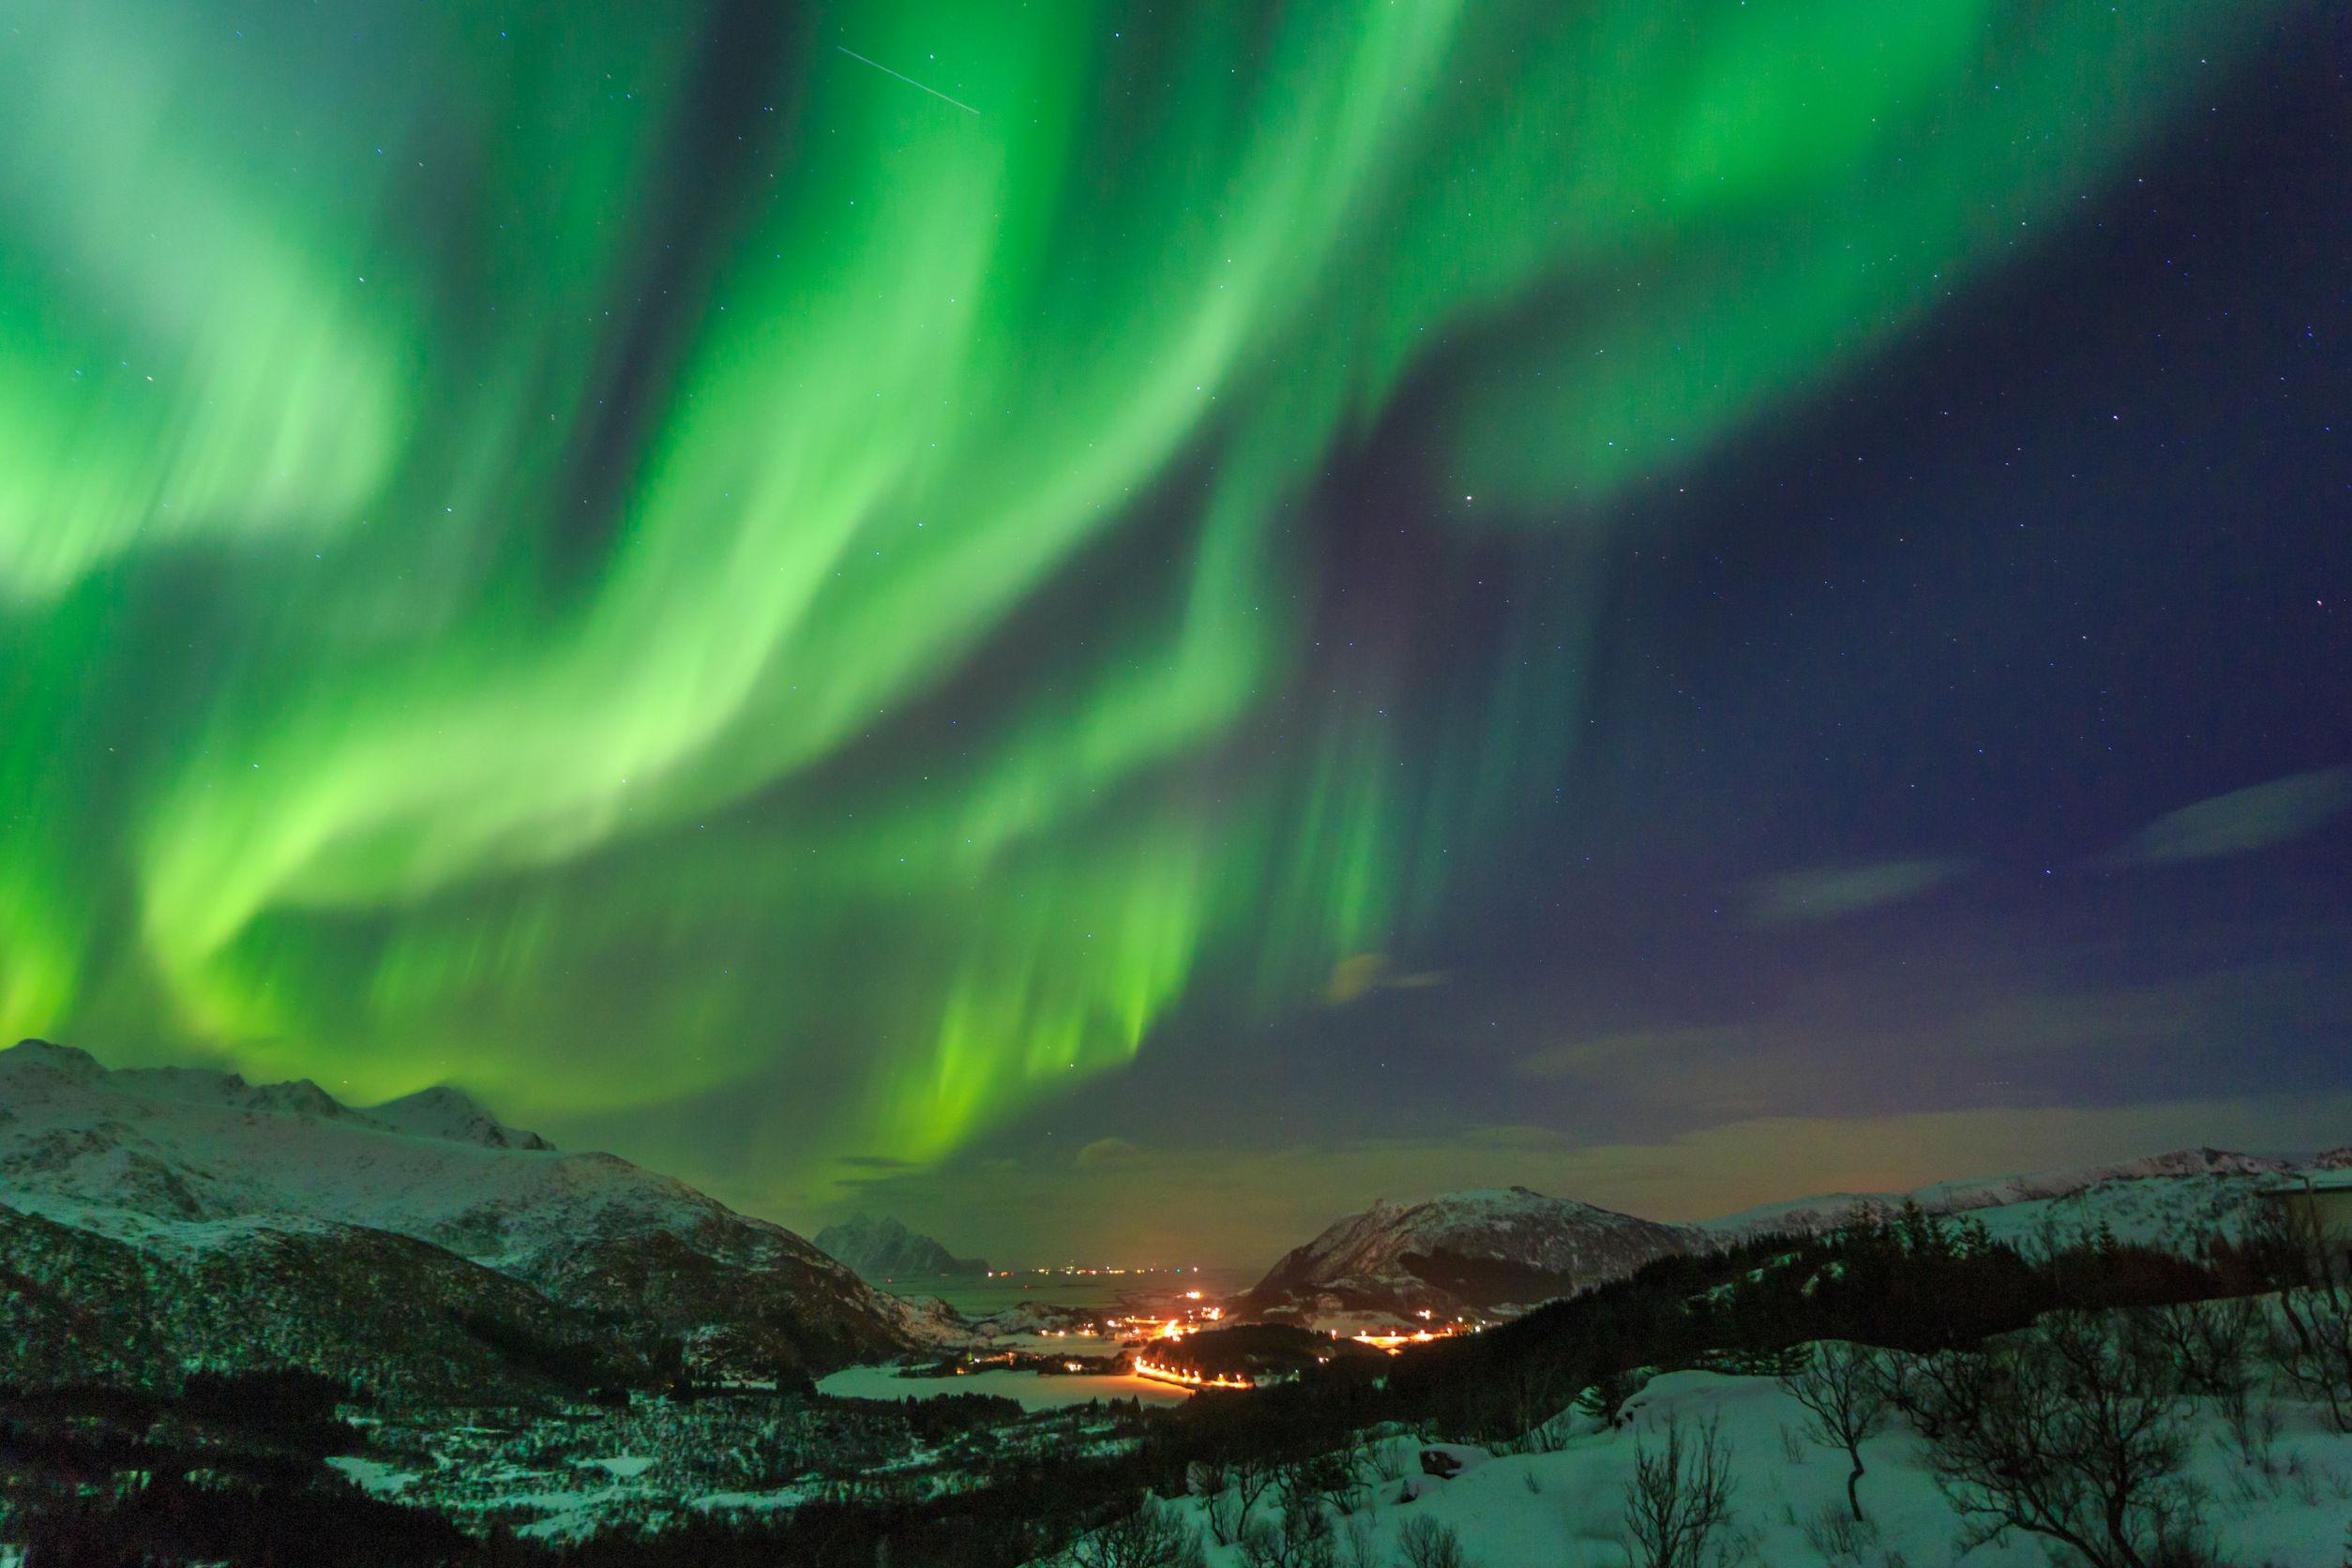 ไอซ์แลนด์ (ล่าแสงเหนือ) 8 วัน AY